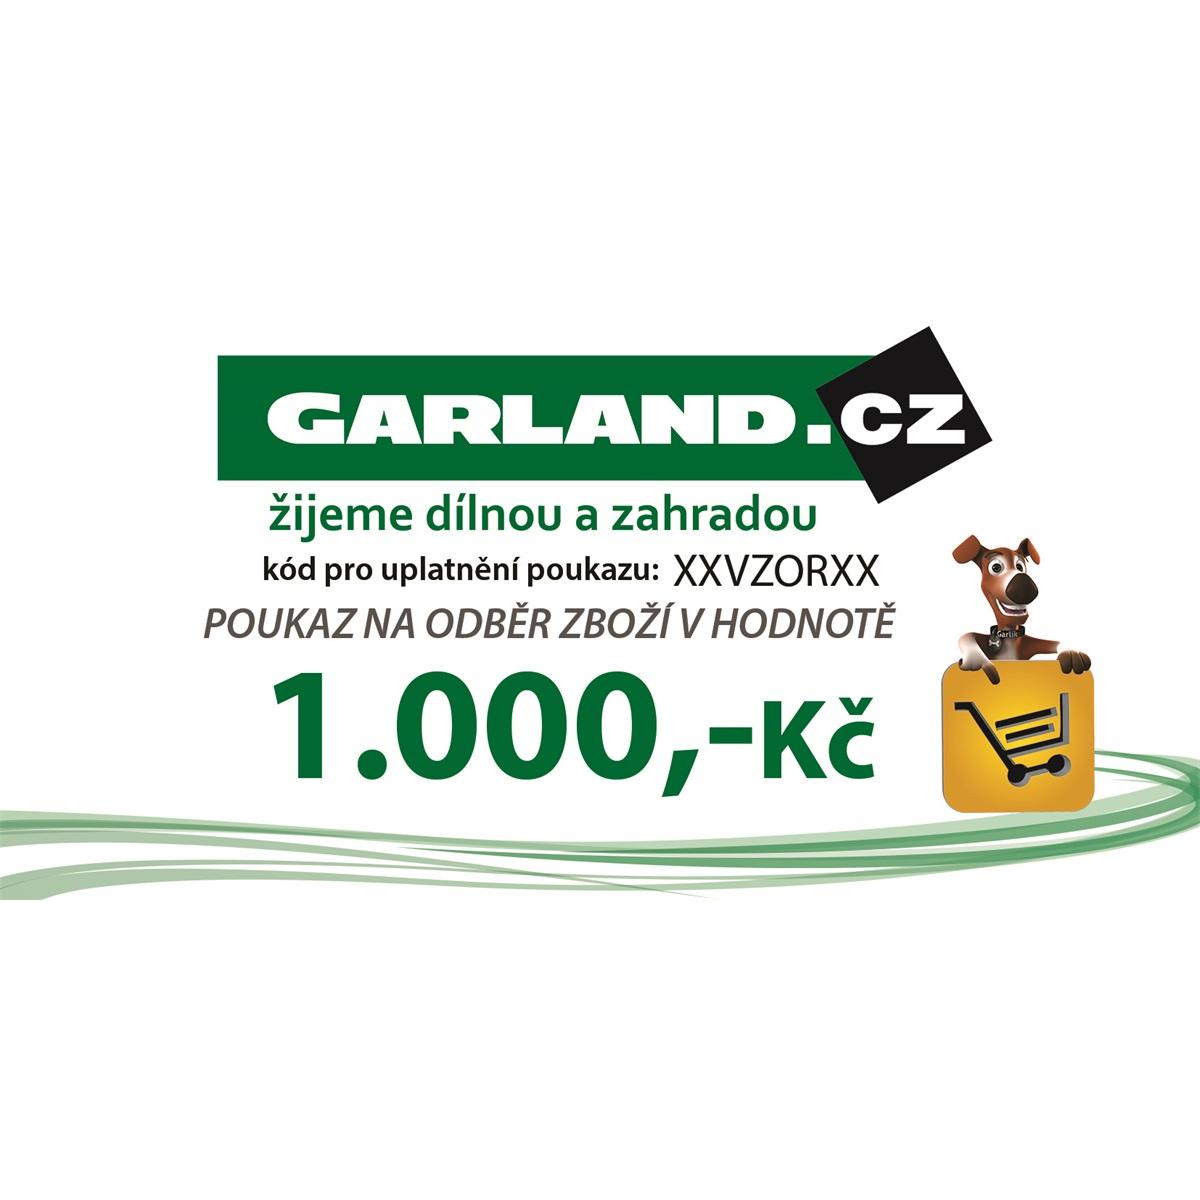 Dárkový poukaz GARLAND.cz 1000 Kč